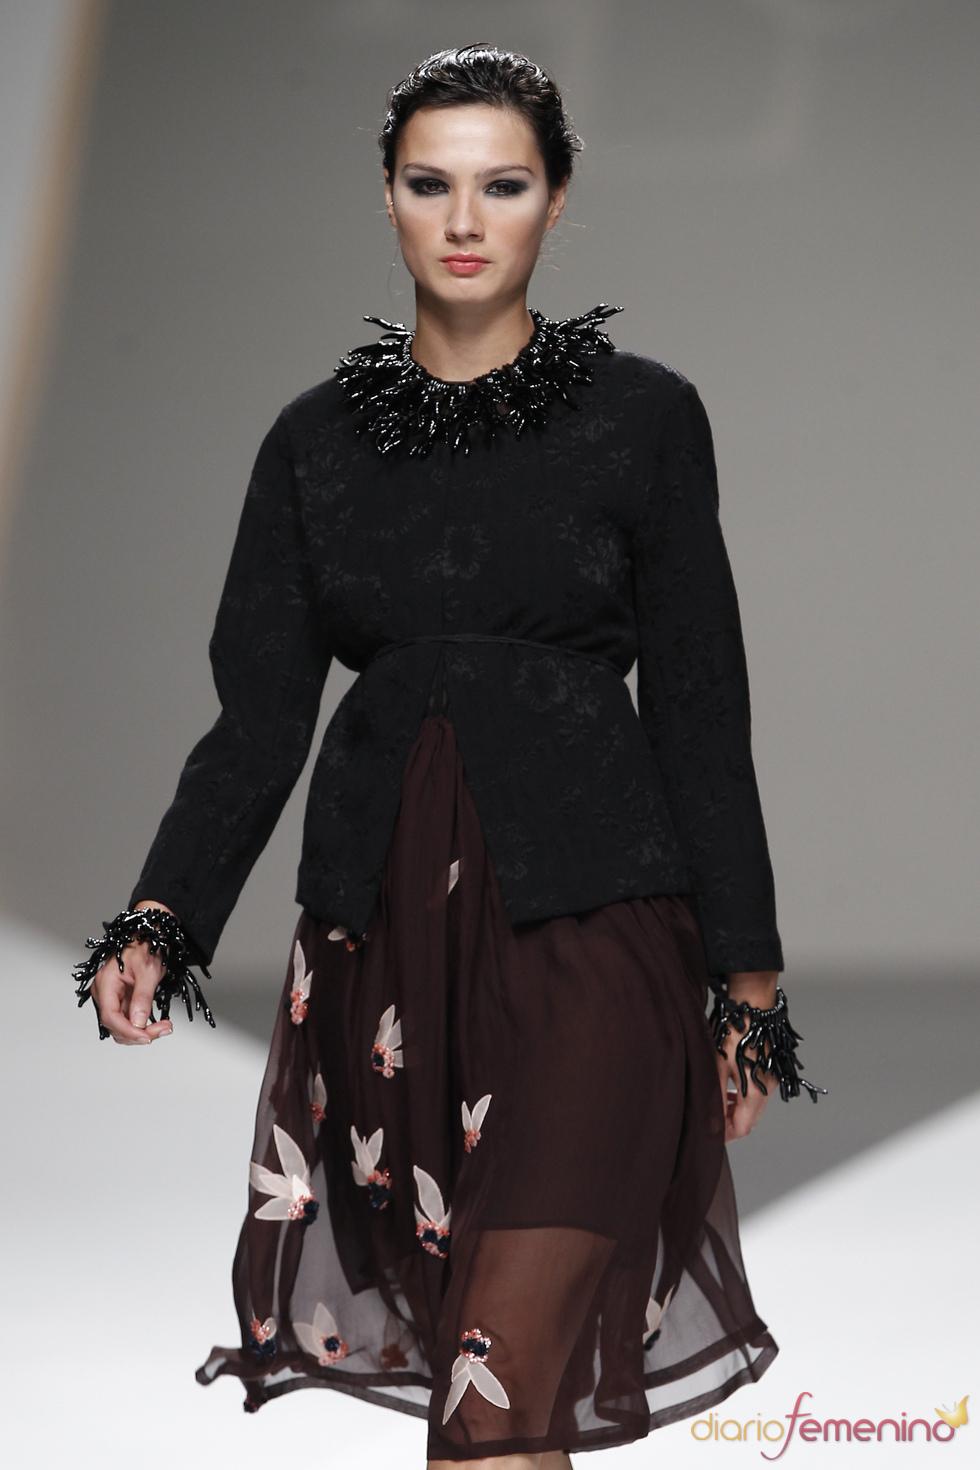 Marrón y negro se alían con detalles florales en la colección de Lluis Corujo